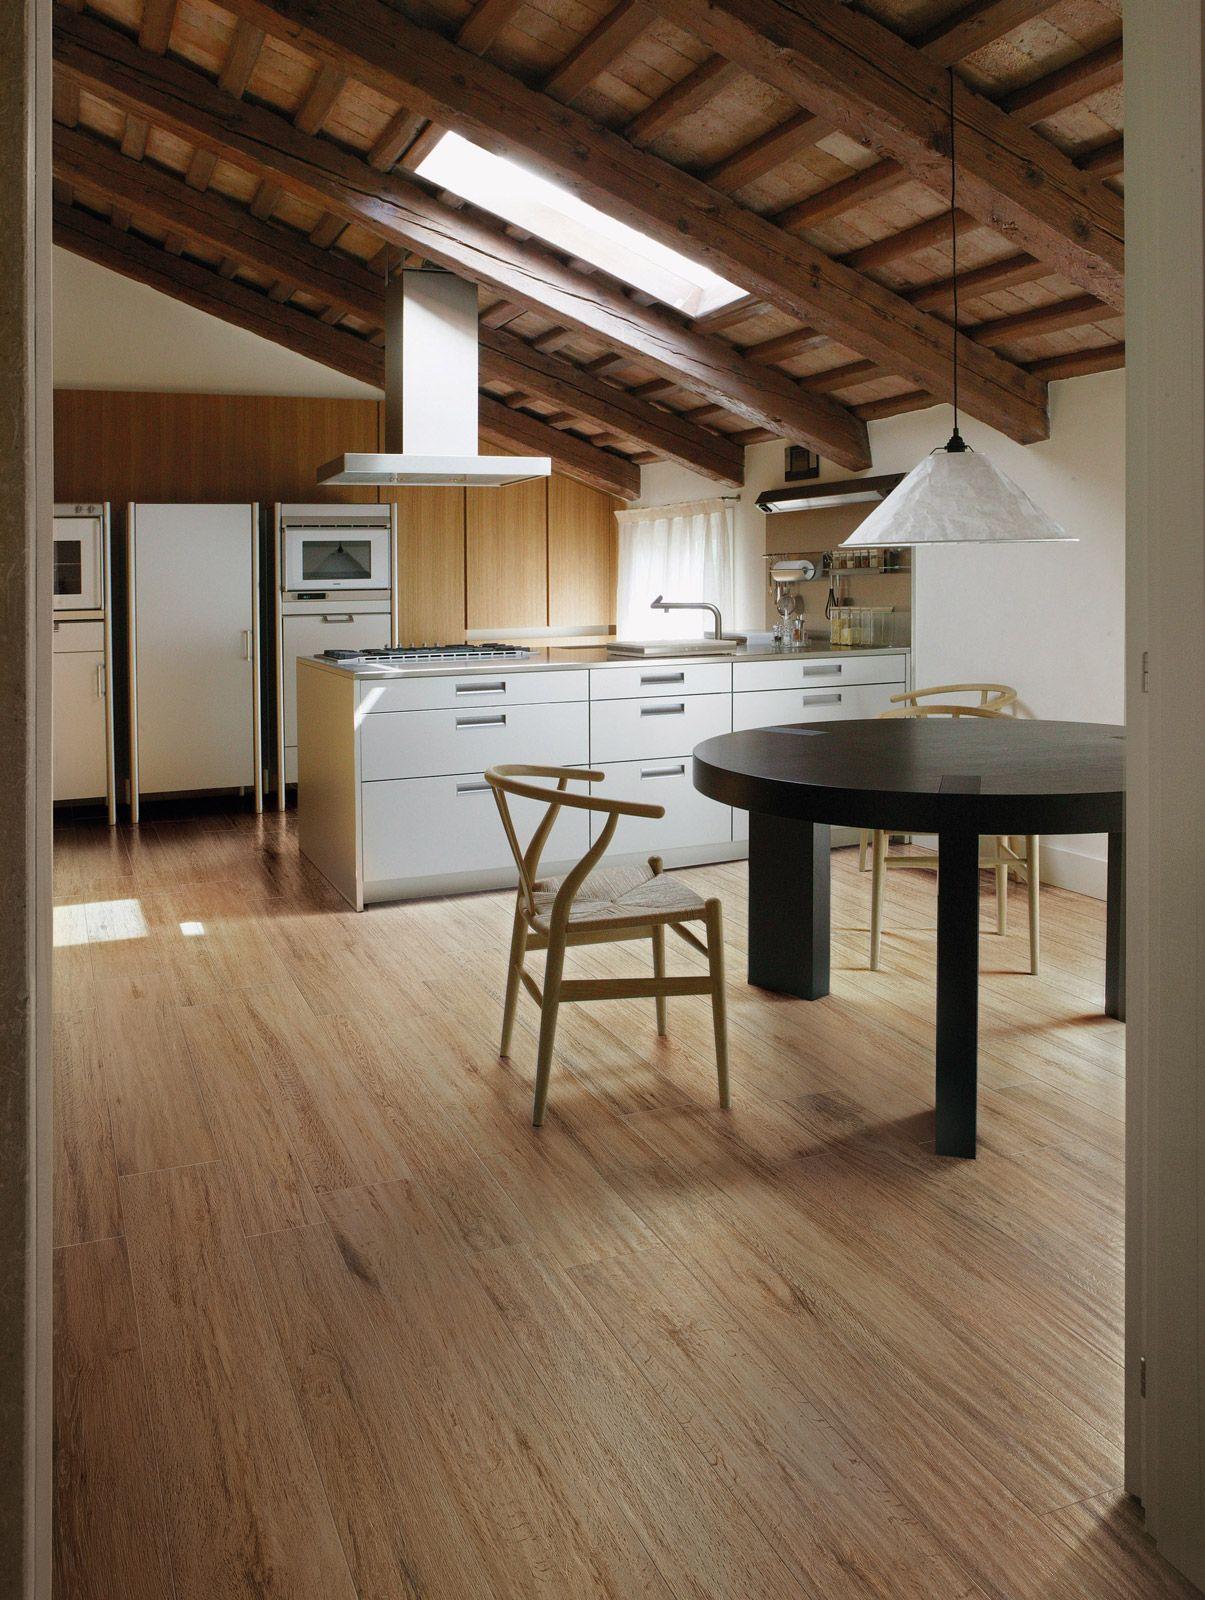 Scegliere il pavimento della cucina effetto legno - Cucina laminato effetto legno ...